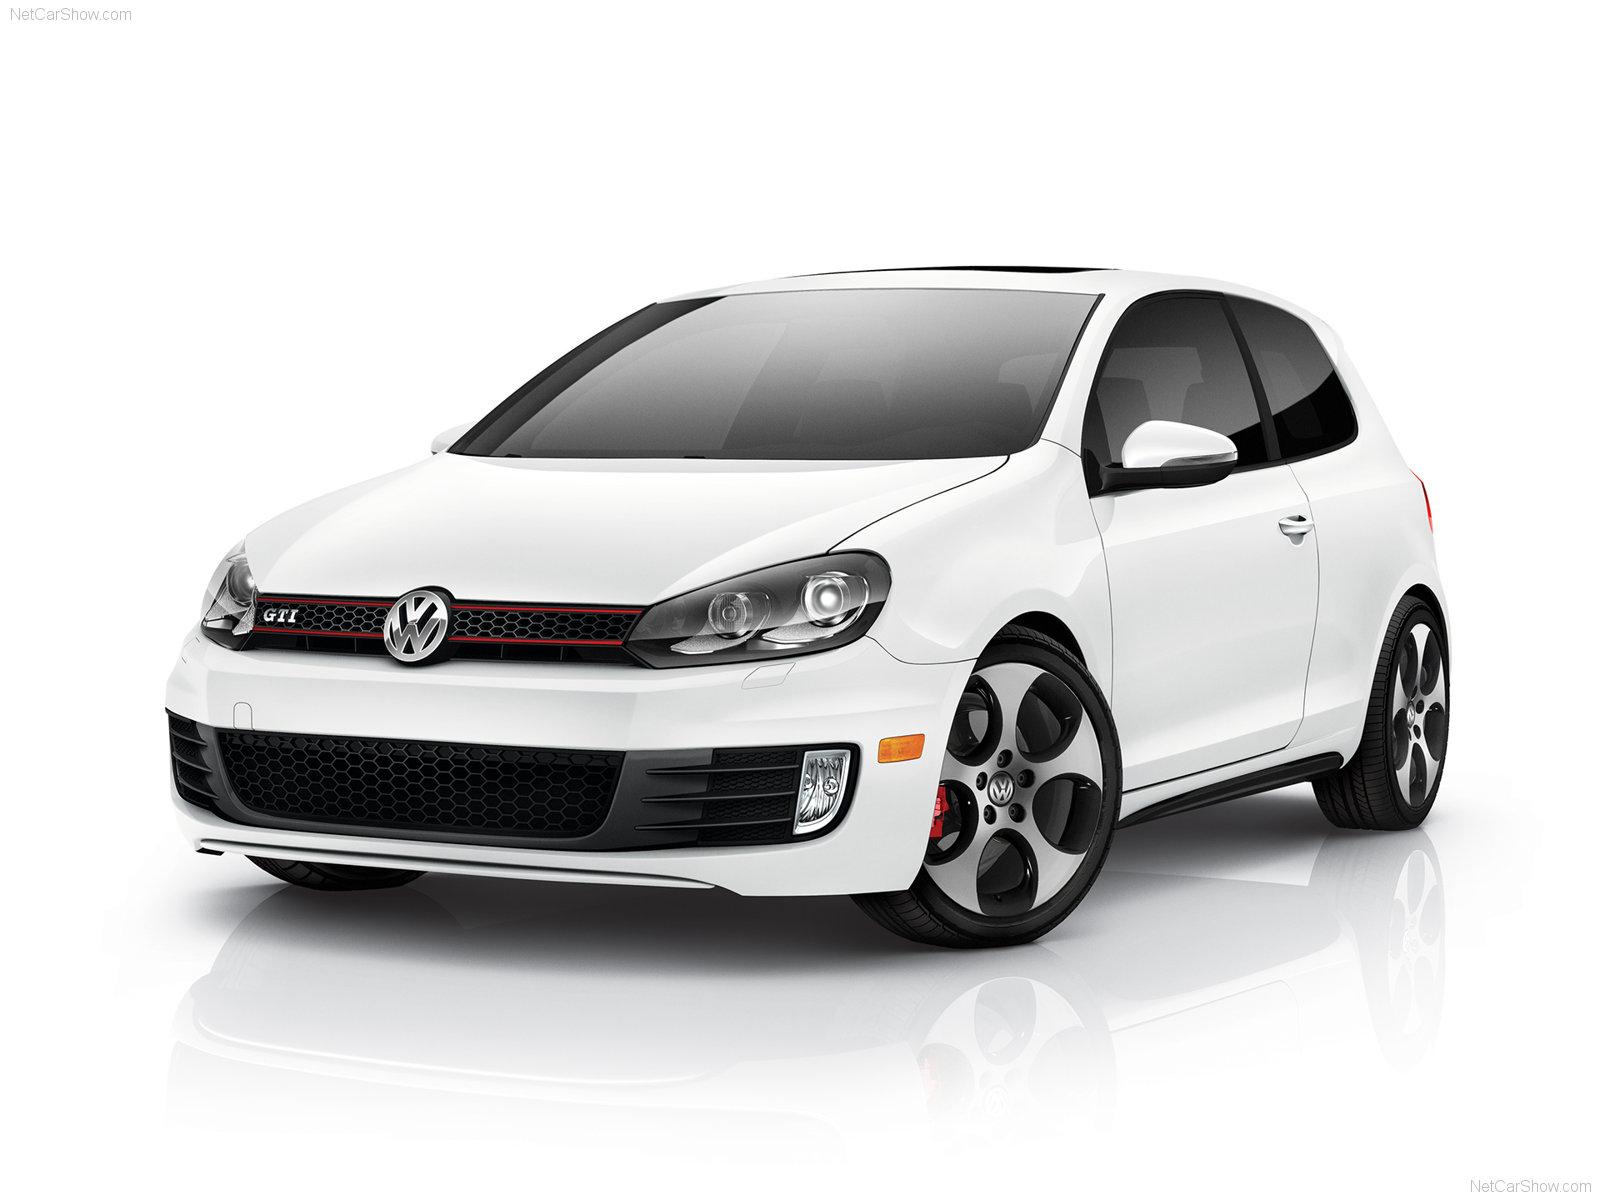 Volkswagen Golf Gti Wallpaper Volkswagen Golf Gti Photo